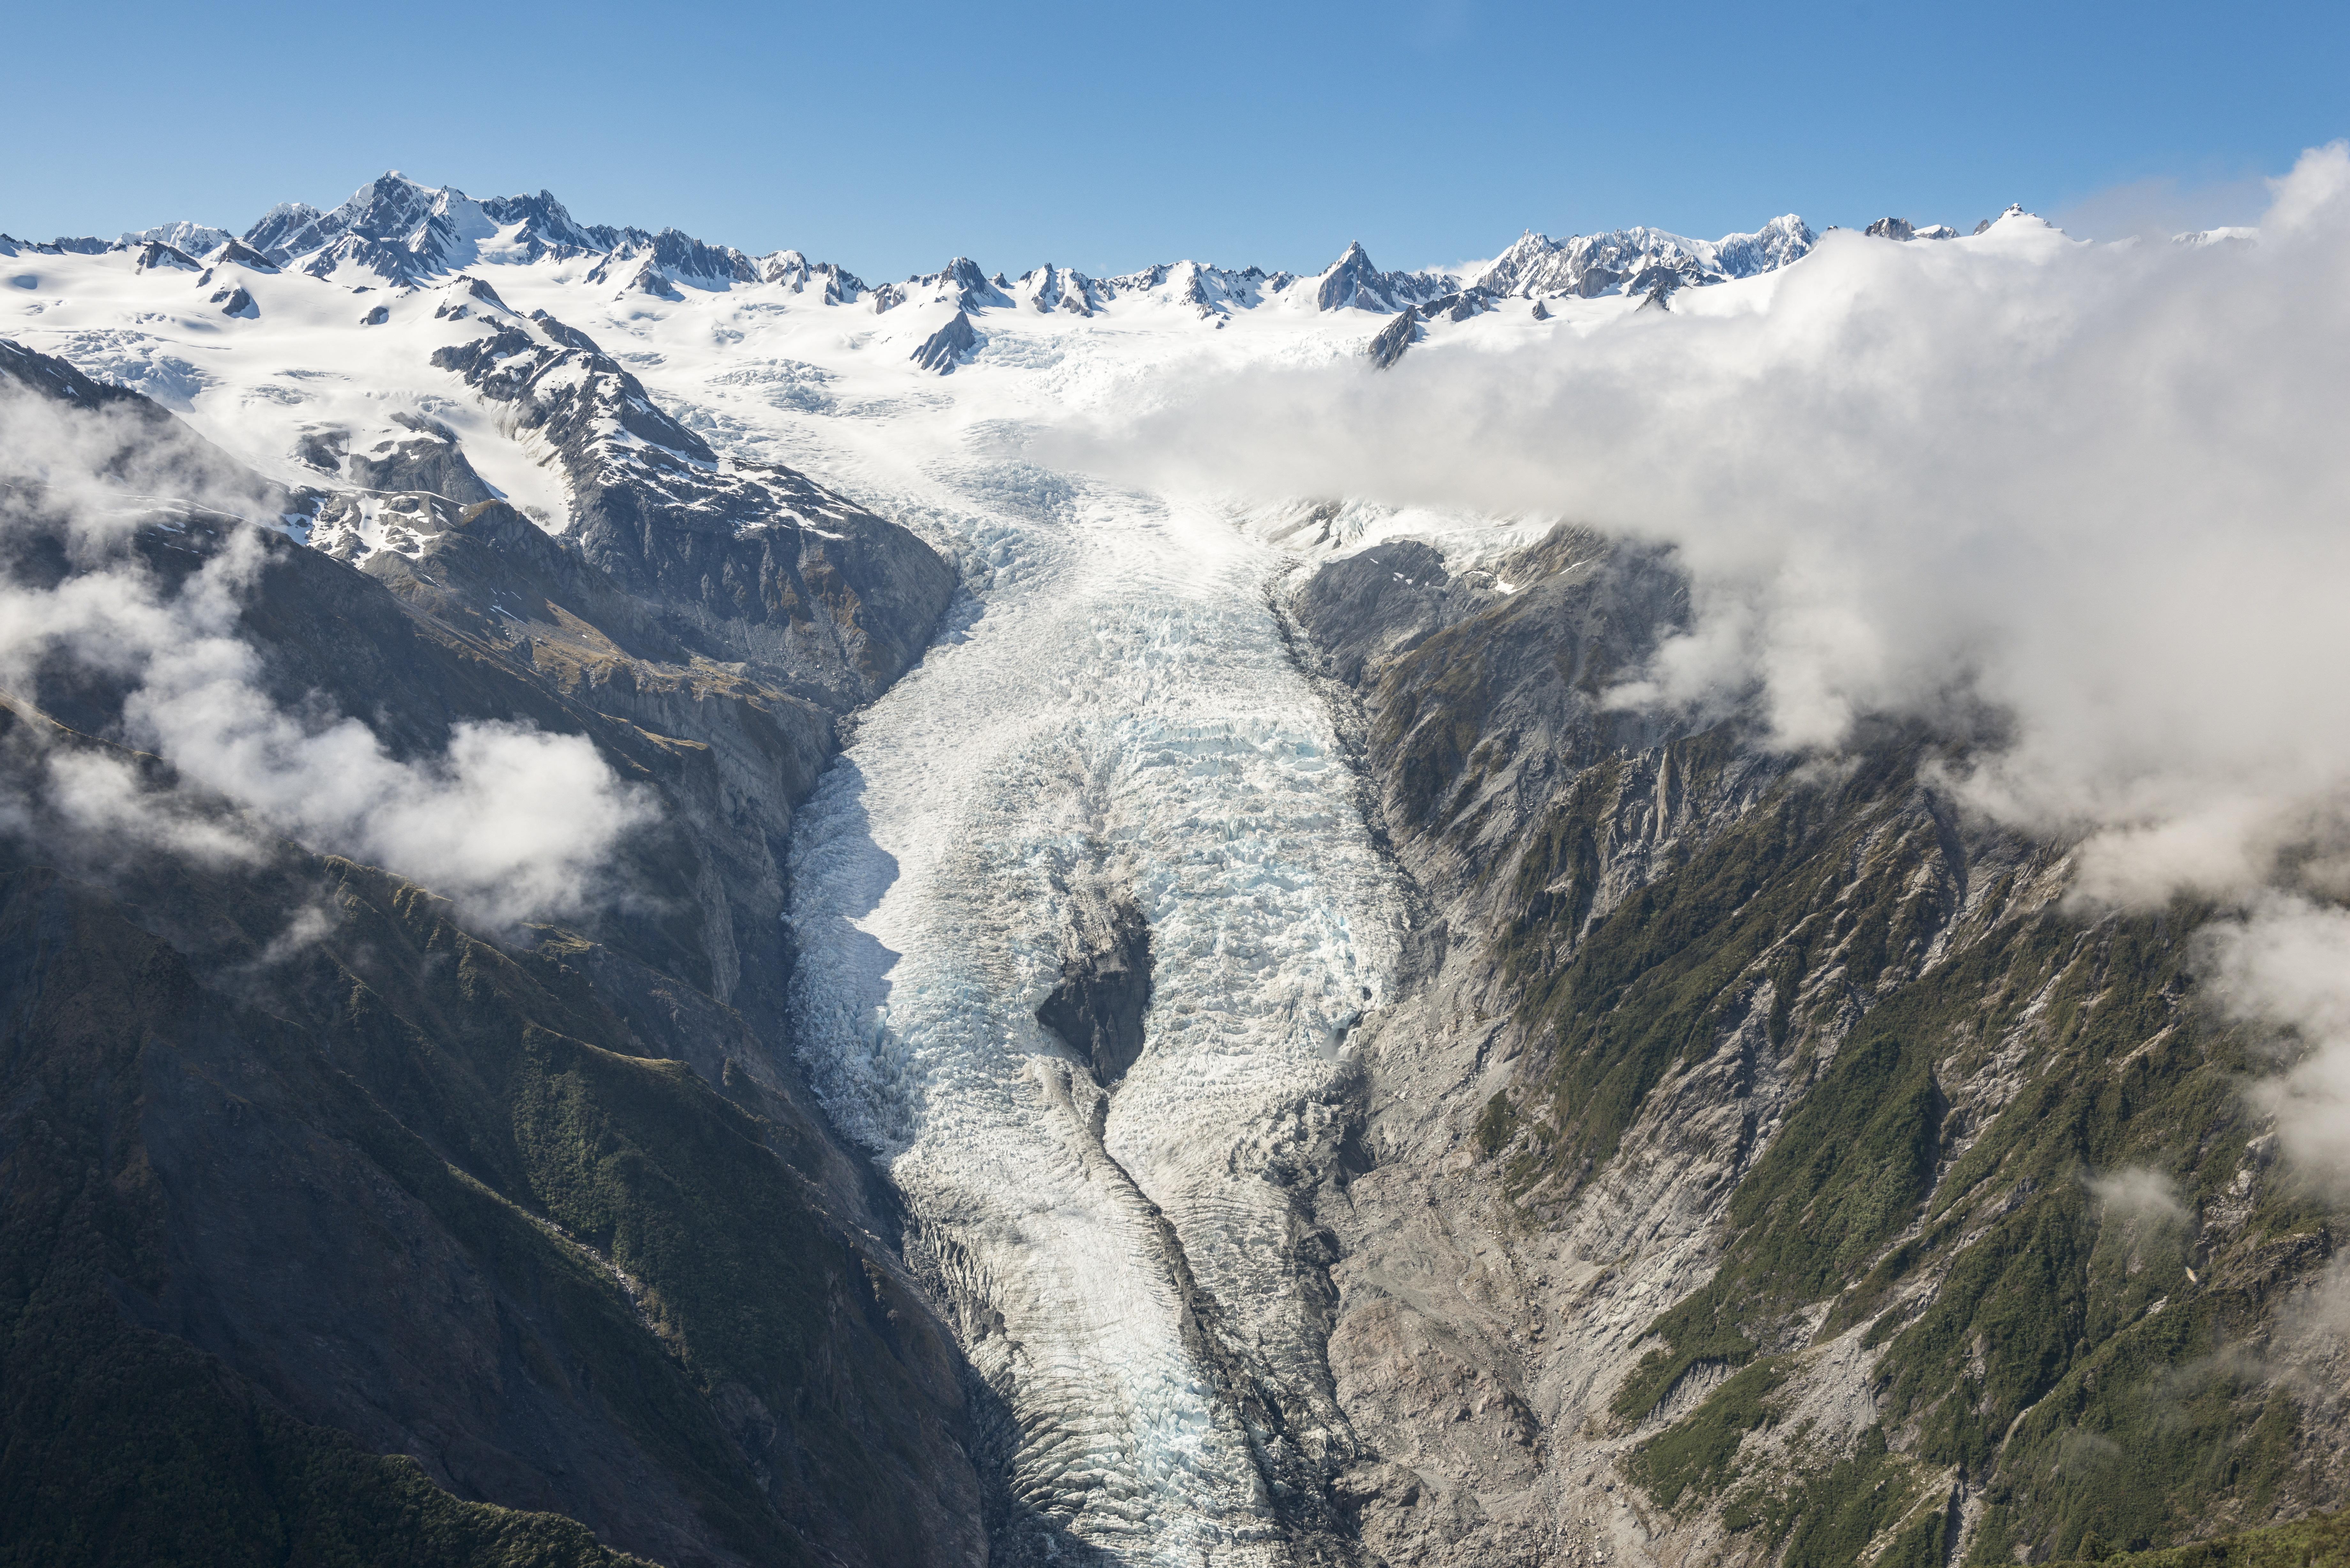 40 évnyi vízfogyasztásra elegendő jeget veszítettek tömegükből az új-zélandi gleccserek